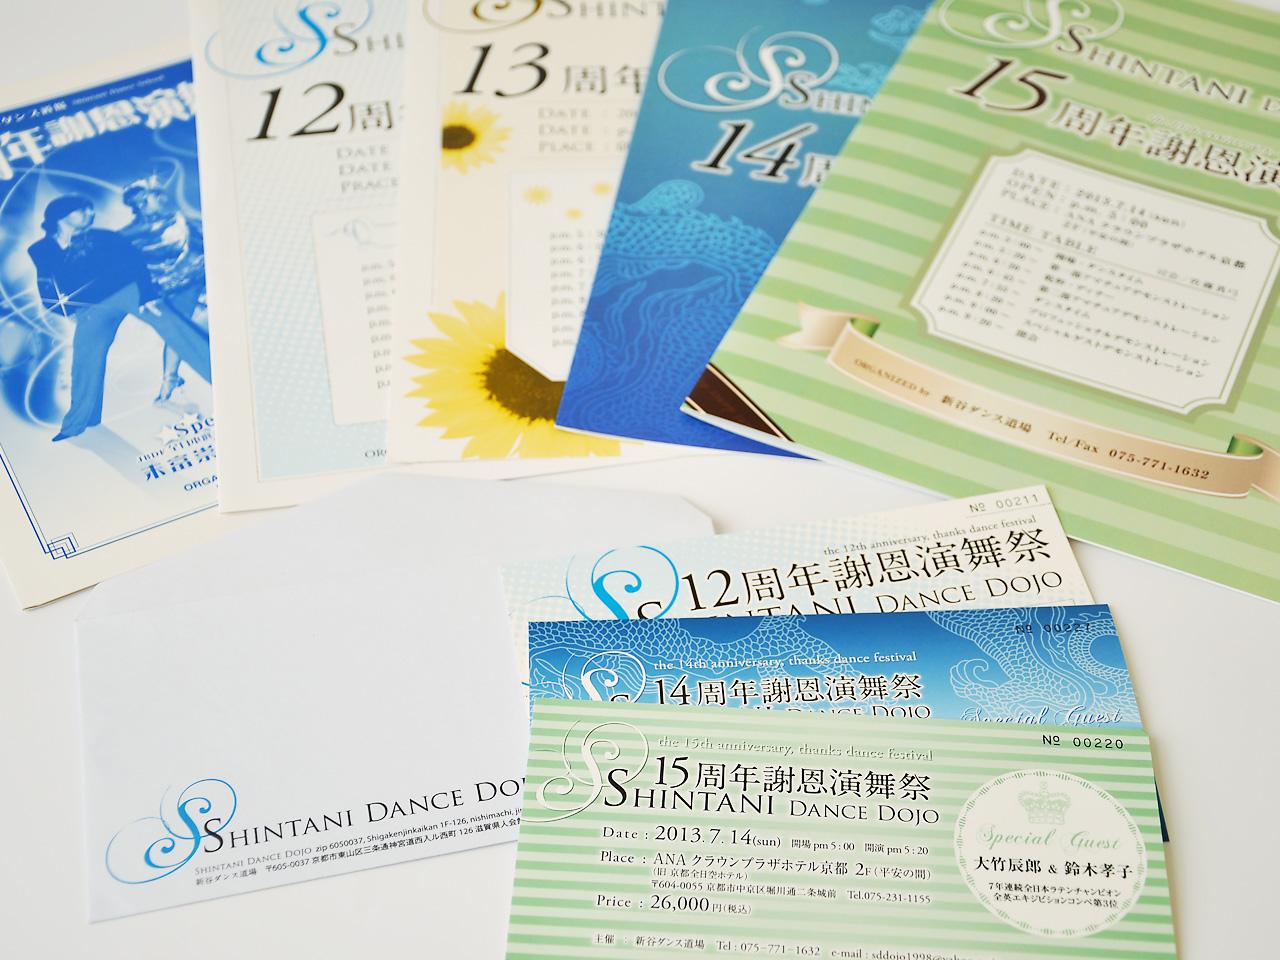 新谷ダンス道場 謝恩祭プログラム・チケット